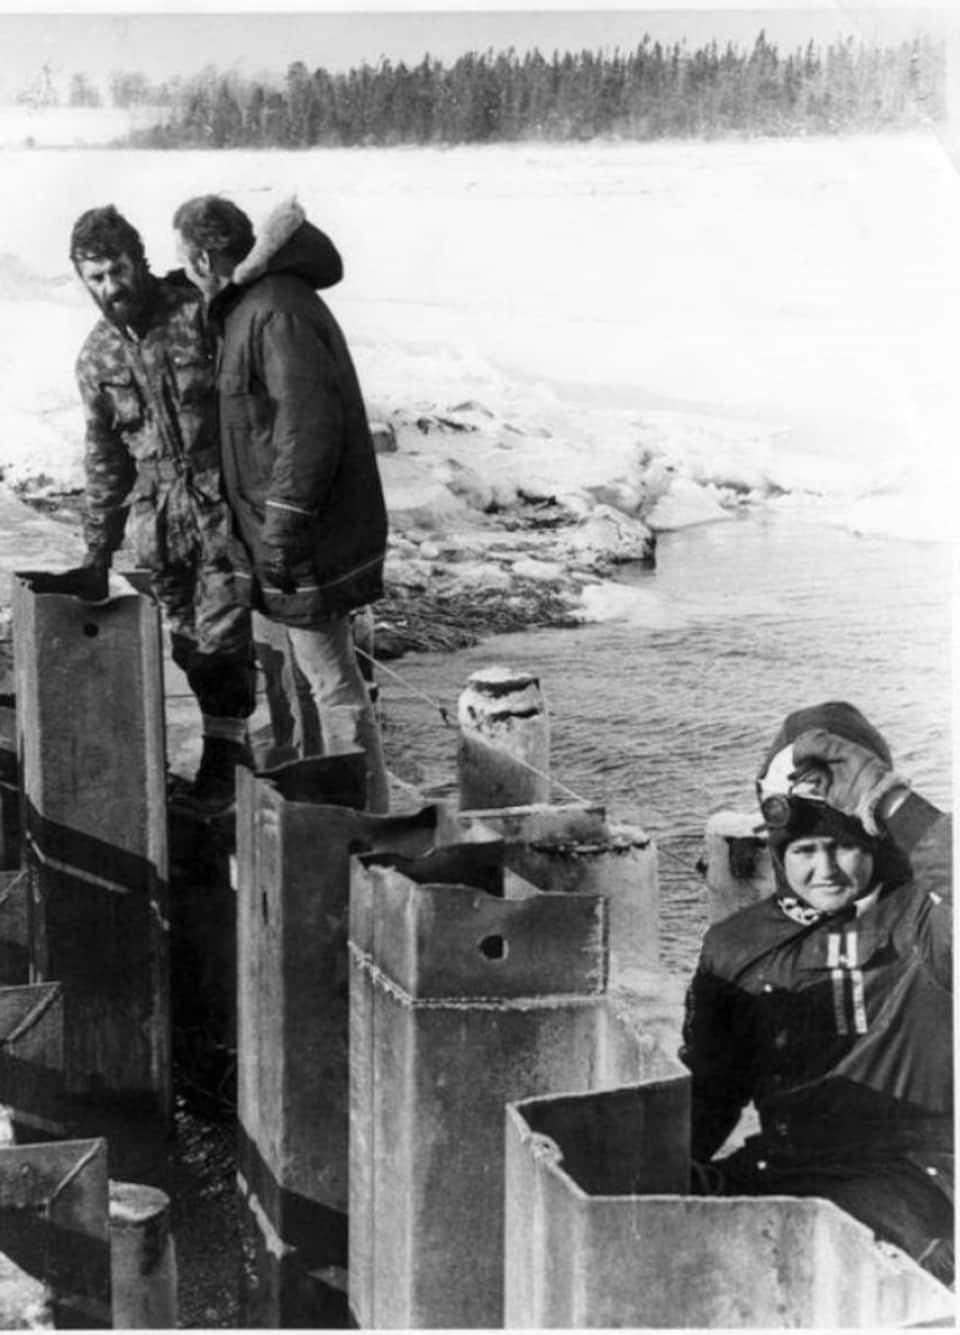 Trois personnes se trouvent sur le petit barrage métallique.